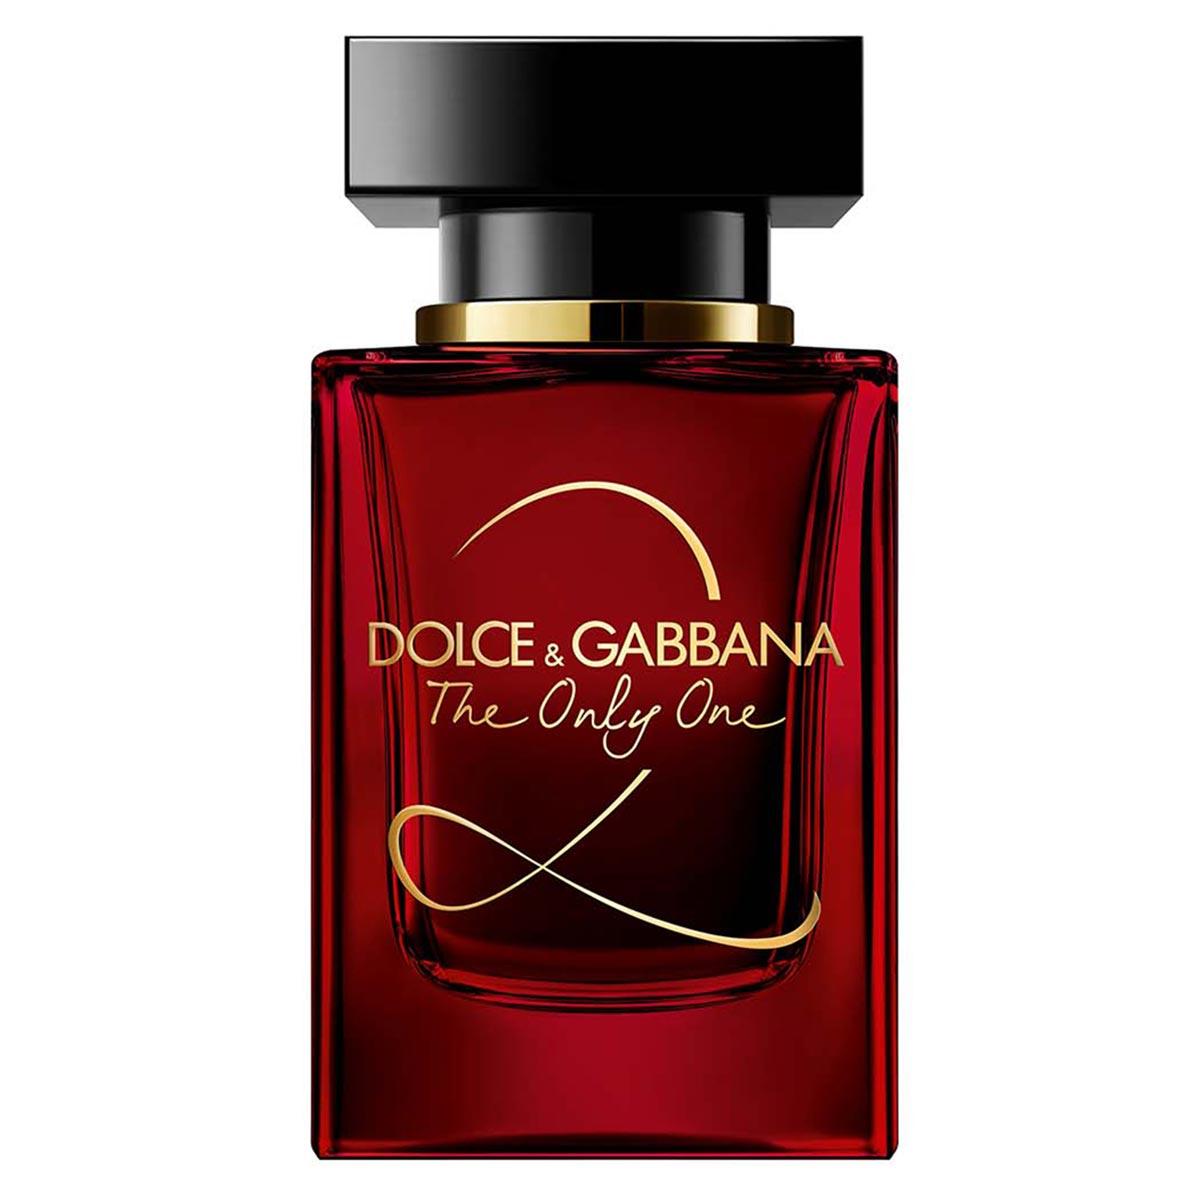 Eau de Parfum The Only One 2 - DOLCE & GABBANA